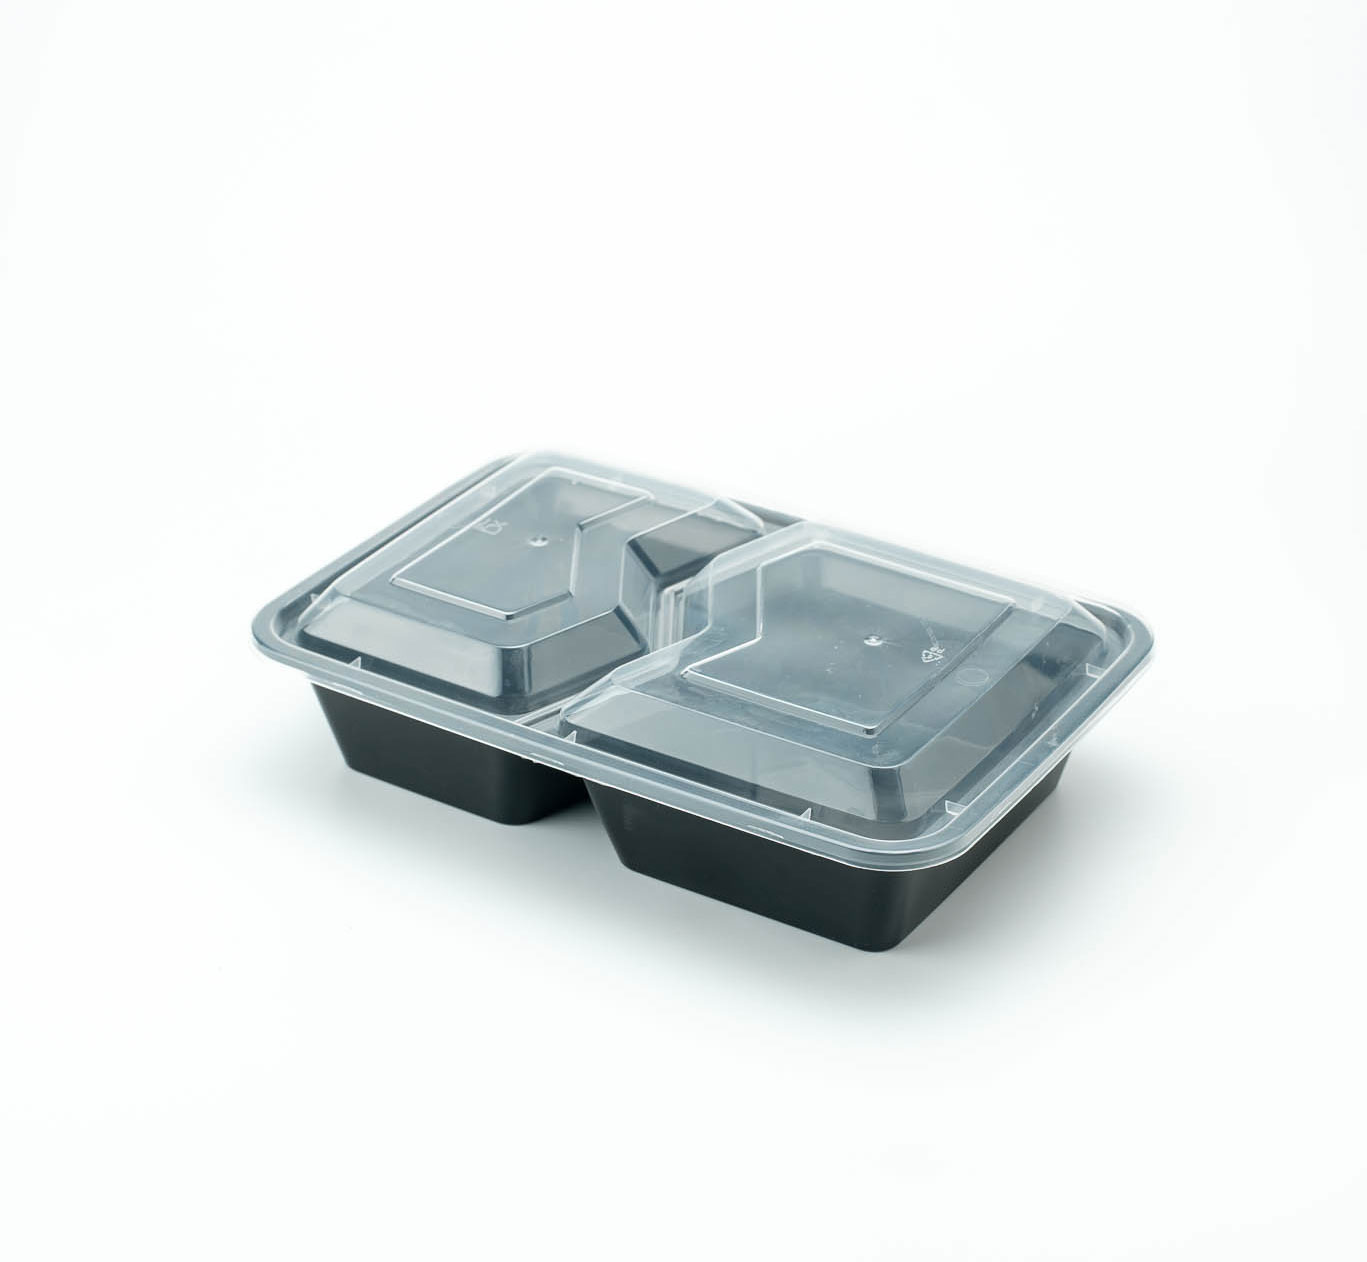 กล่องอาหารพลาสติก 2 ช่อง simple 1000ml ช่องหยัก